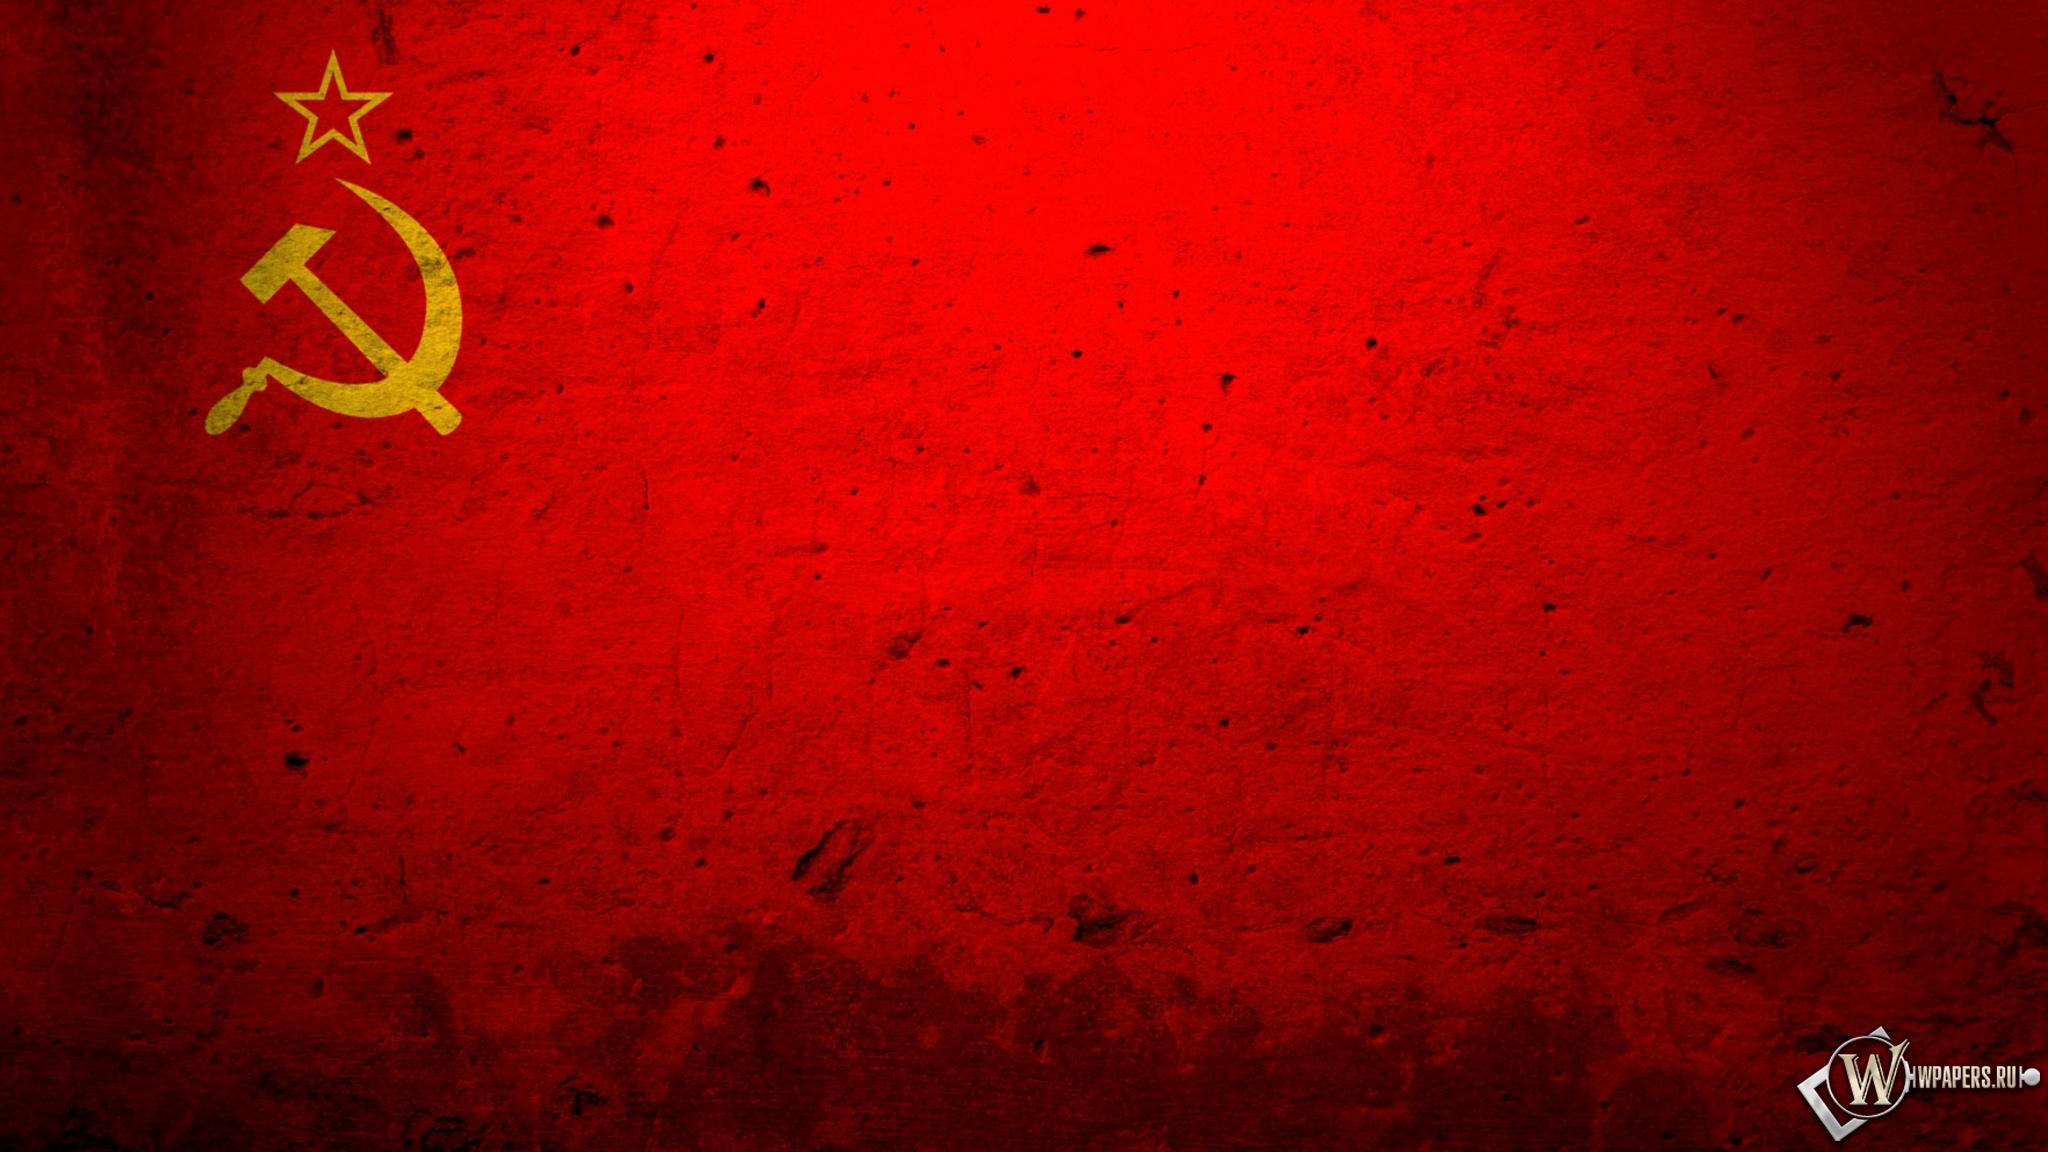 скачать обои ссср ссср красный флаг для рабочего стола